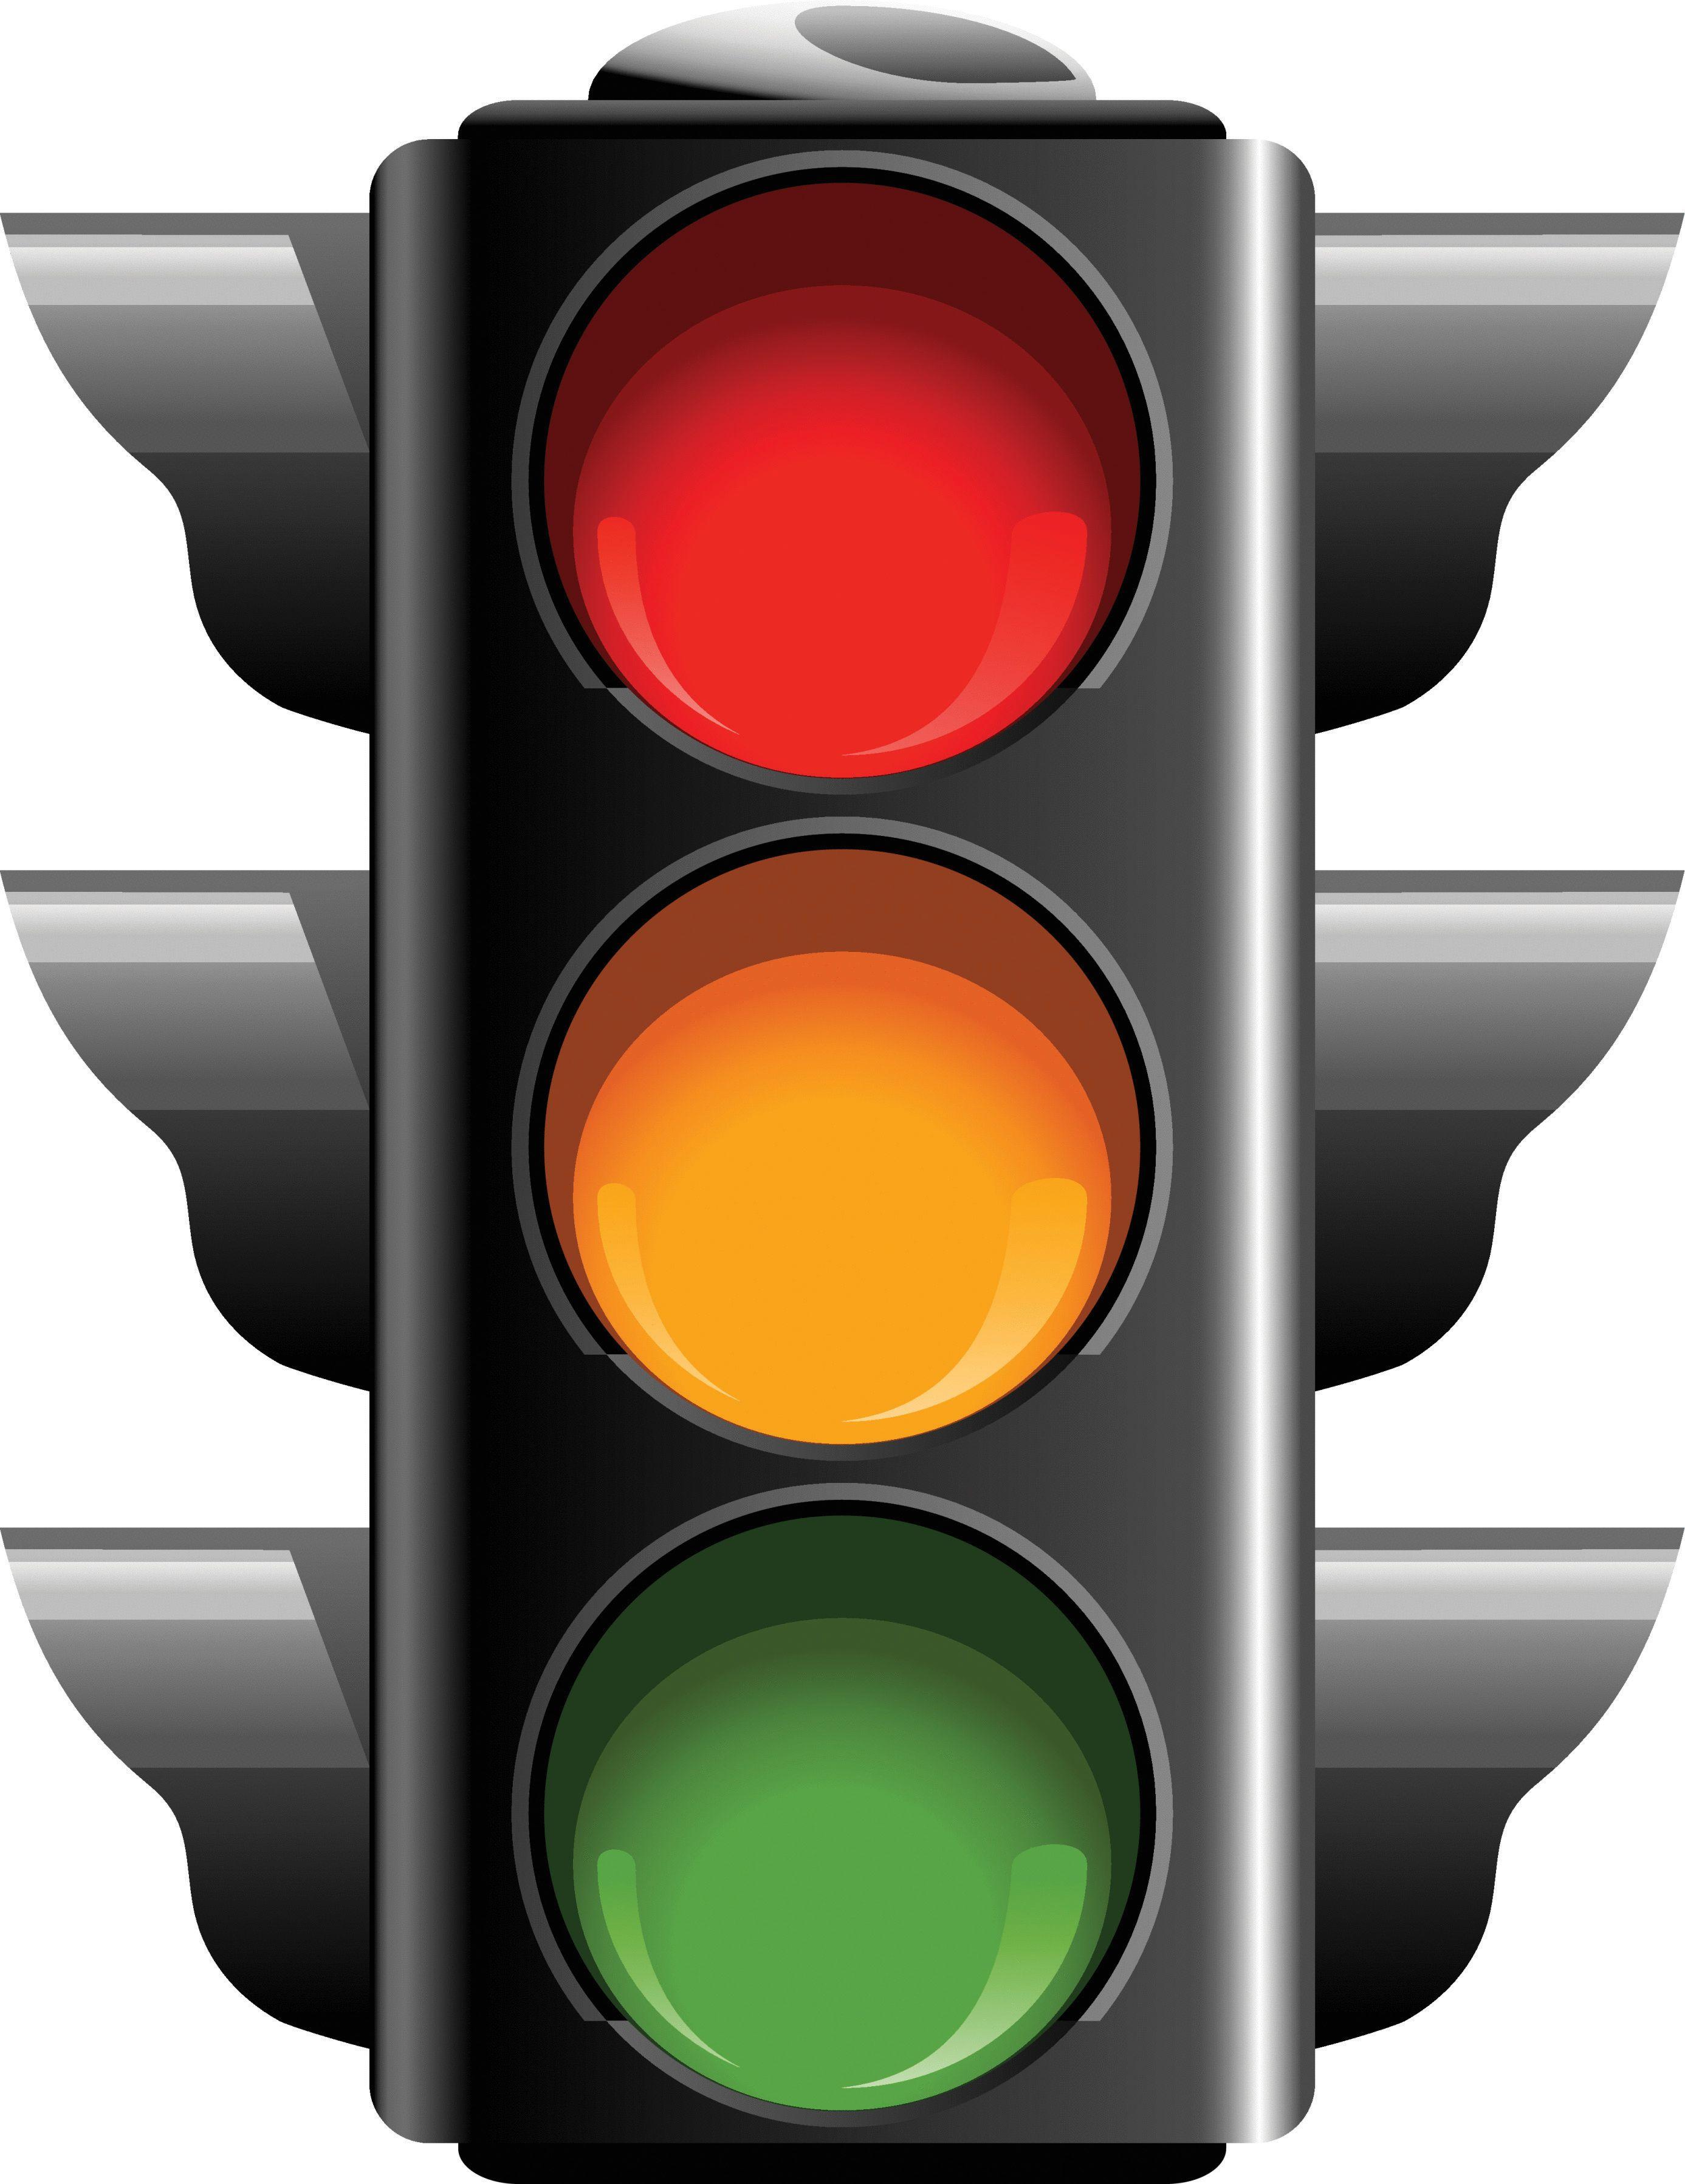 Stoplight Traffic Light Stop Light Clip Art